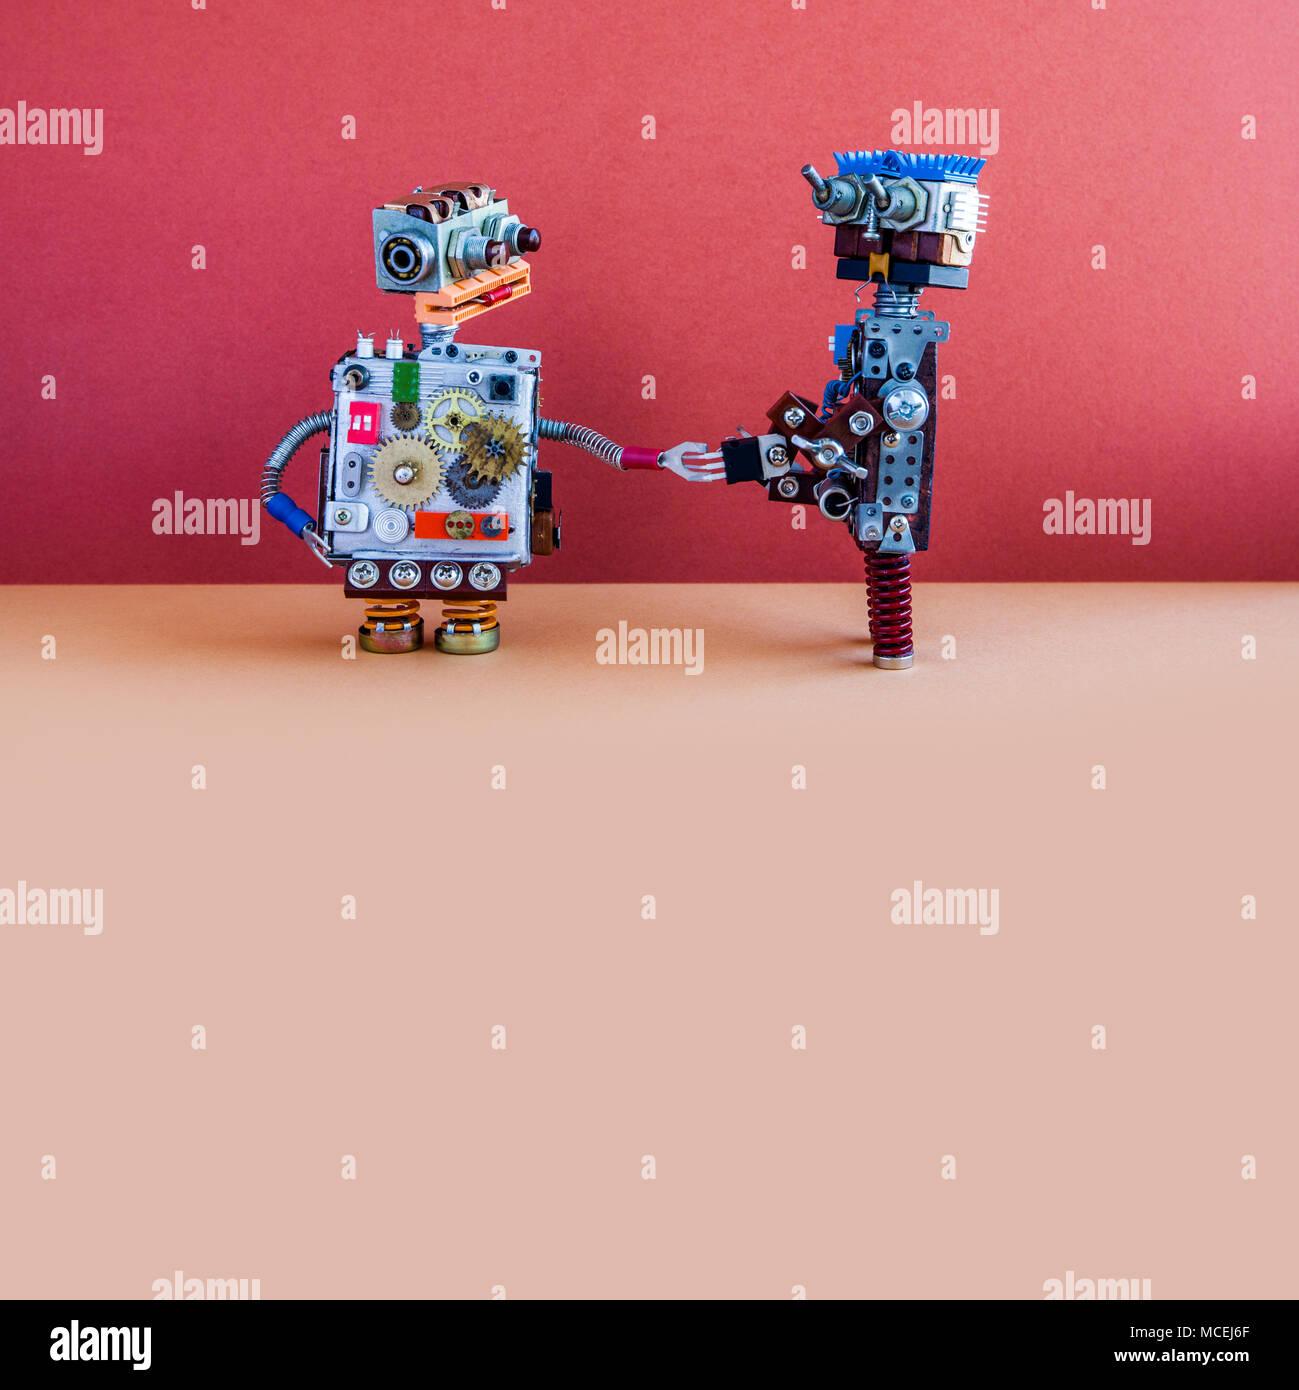 Due robot salutare ogni altro. Stretta di mano del meccanico cibernetico cyborg. Creative Design giocattoli robotici, Parete Rossa pavimento marrone dello sfondo. Spazio di copia Immagini Stock